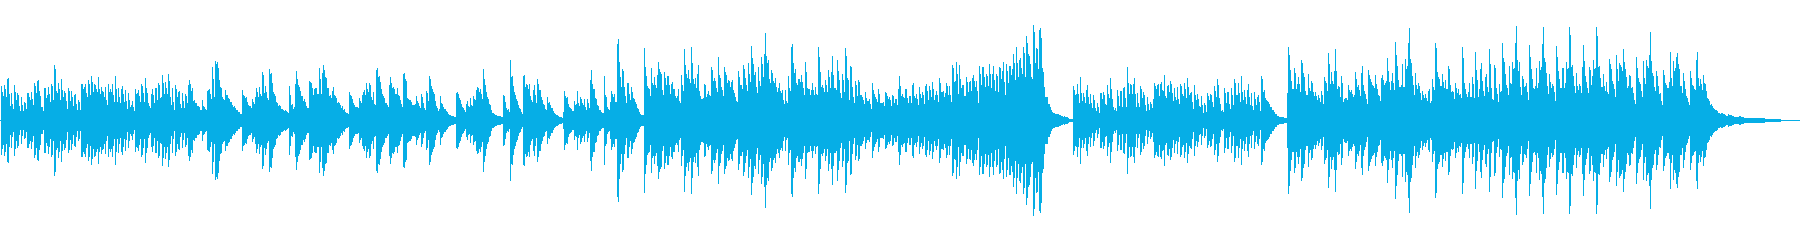 切ないピアノのBGMの再生済みの波形